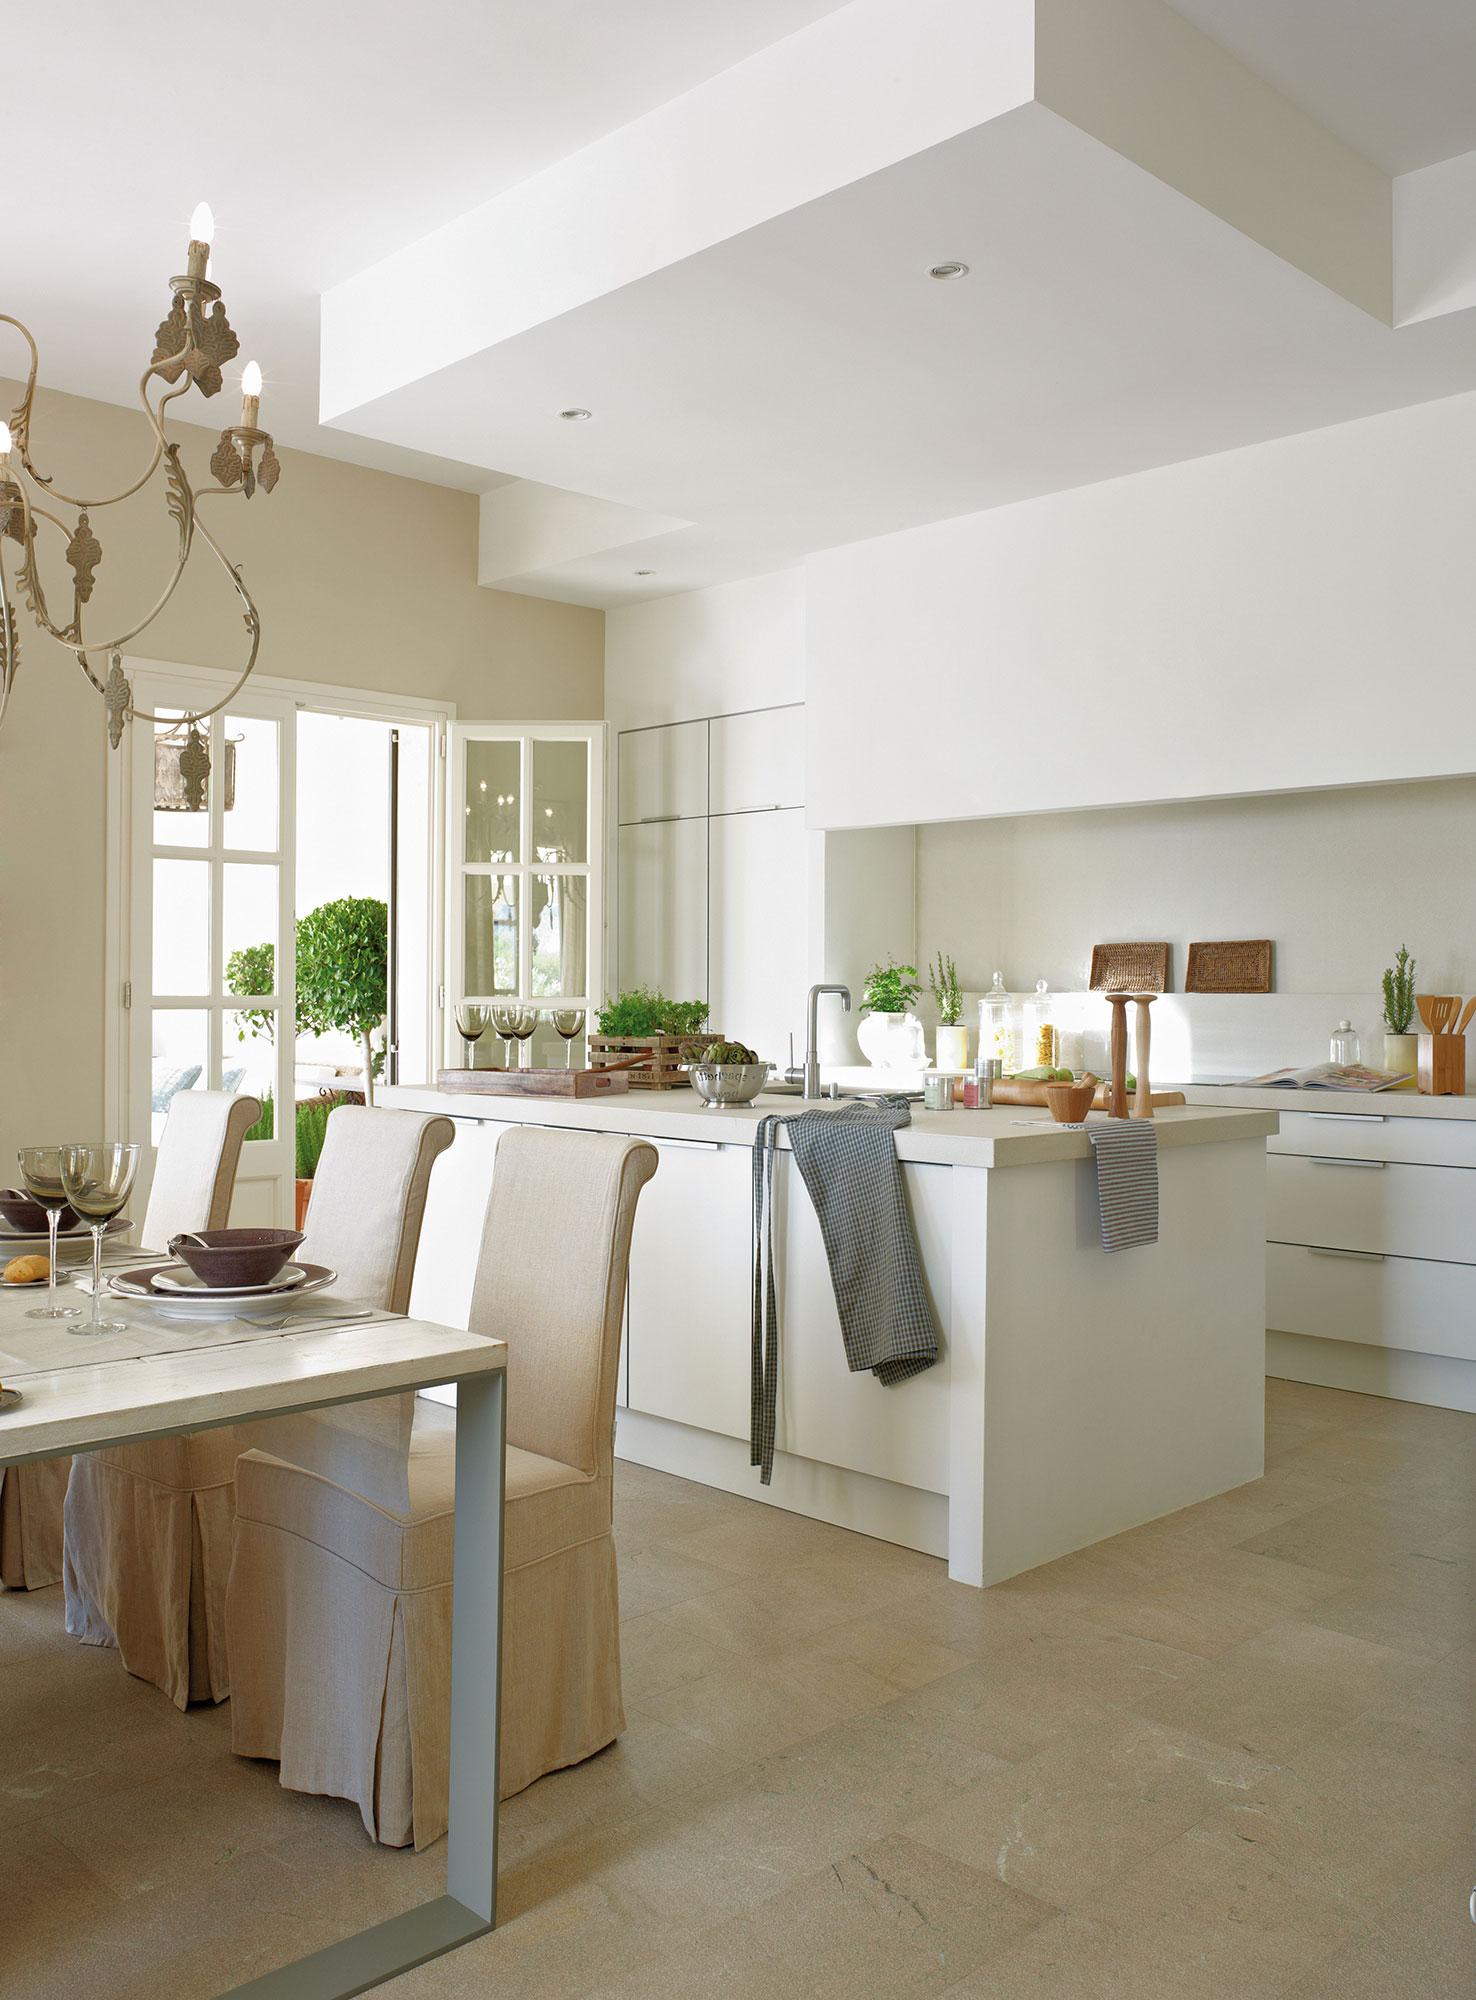 cocina blanca con isla central y office con sillas con fundas